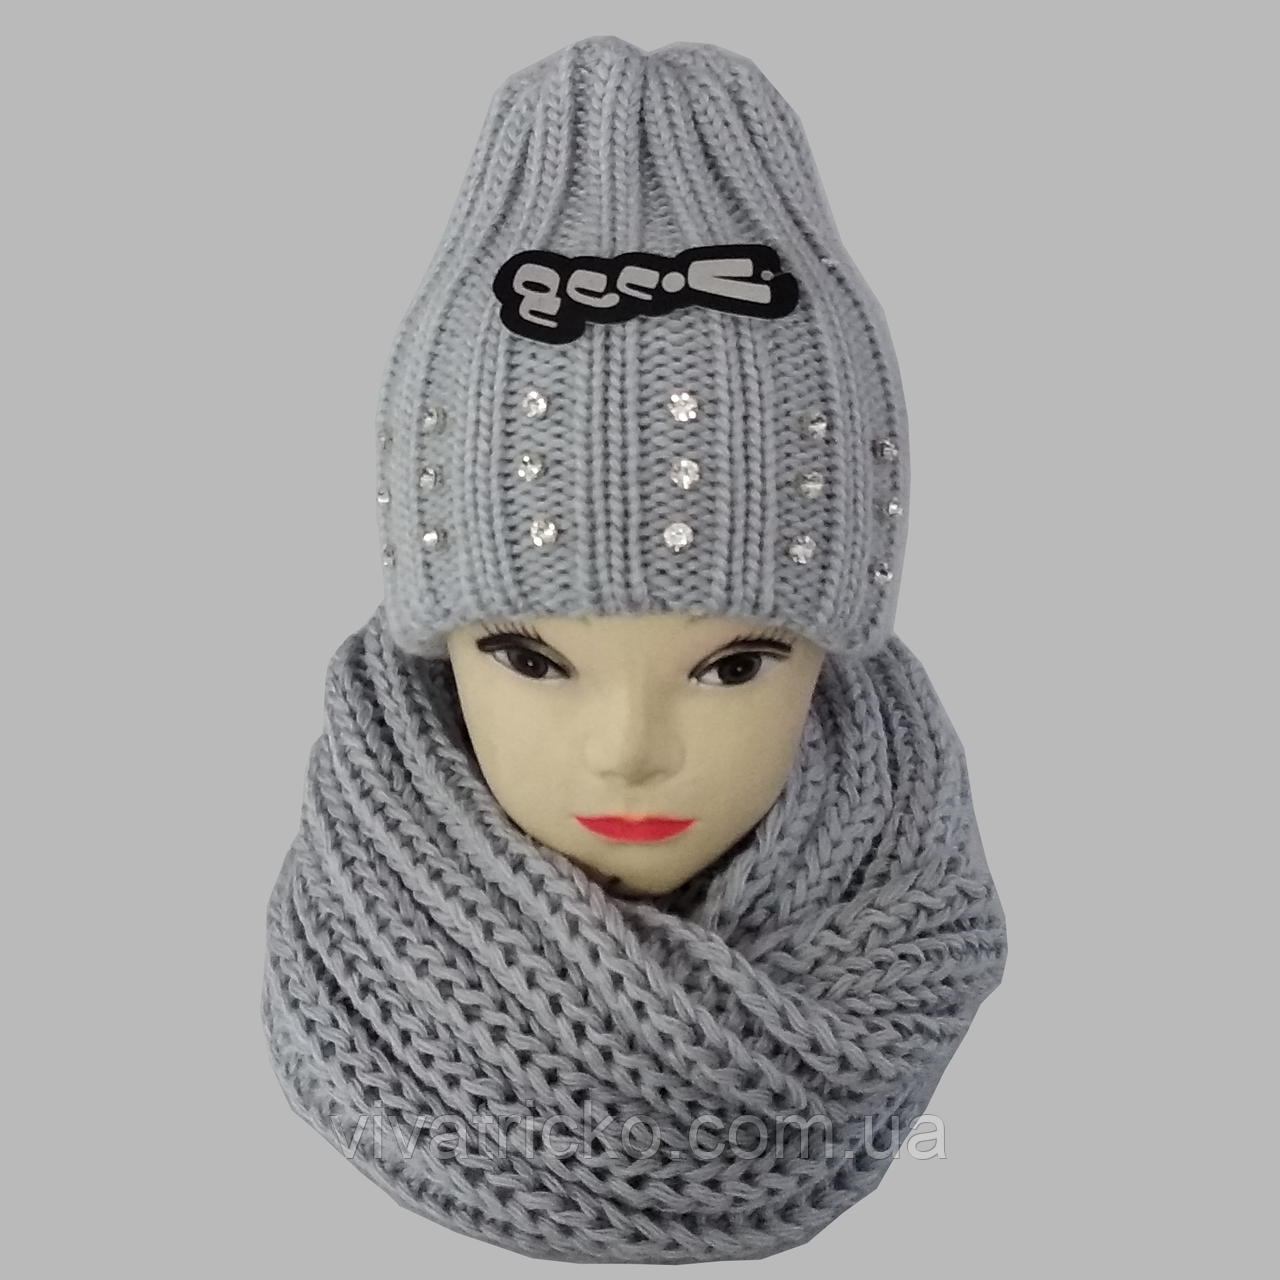 М 5057 Комплект женский шапка и шарф хомут  , разные цвета